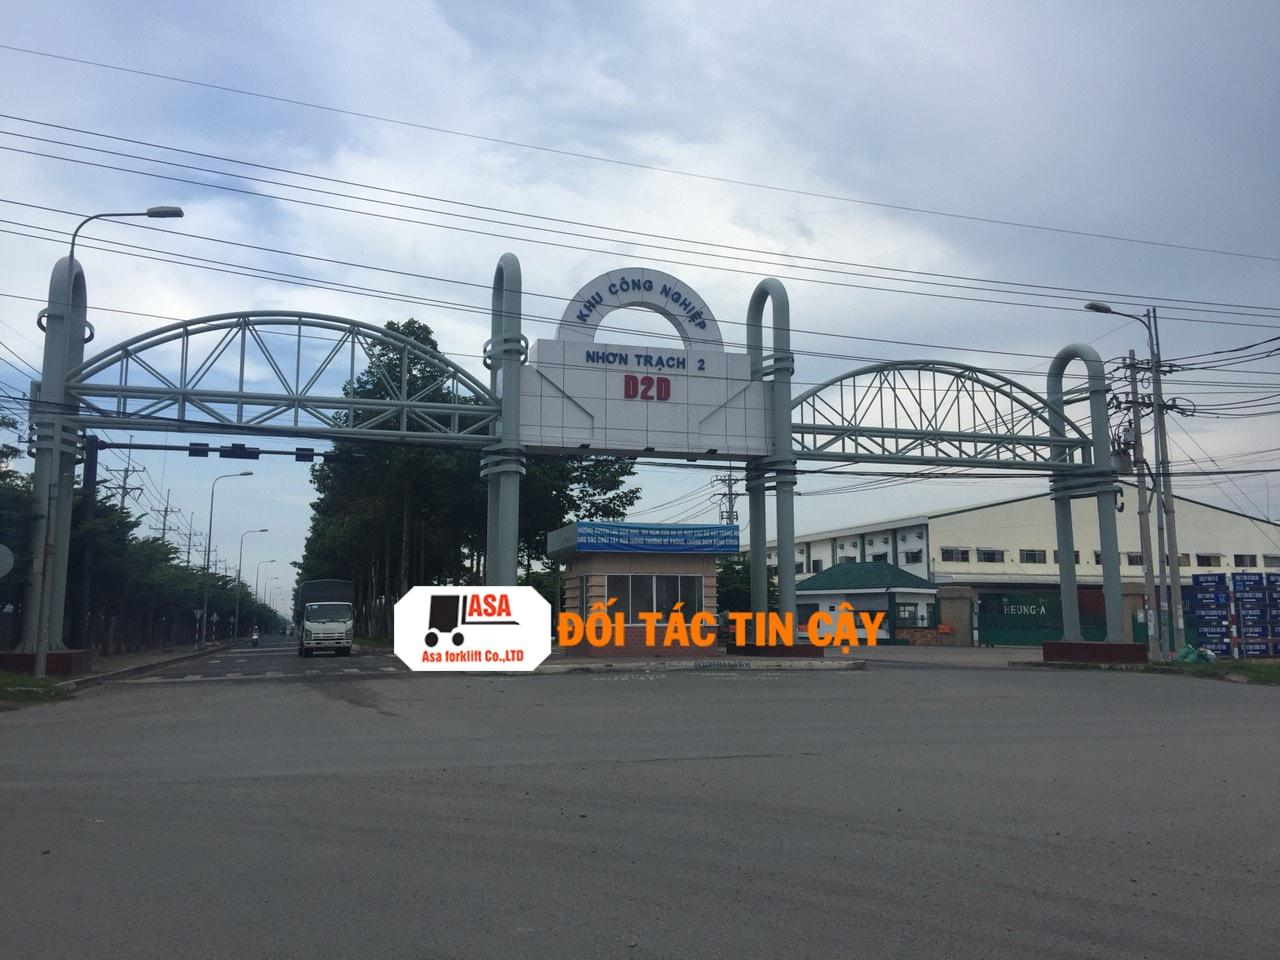 Đồng nai là một tỉnh có nhiều KCN nên việc sử dụng xe nâng hàng ở đây rất nhiều